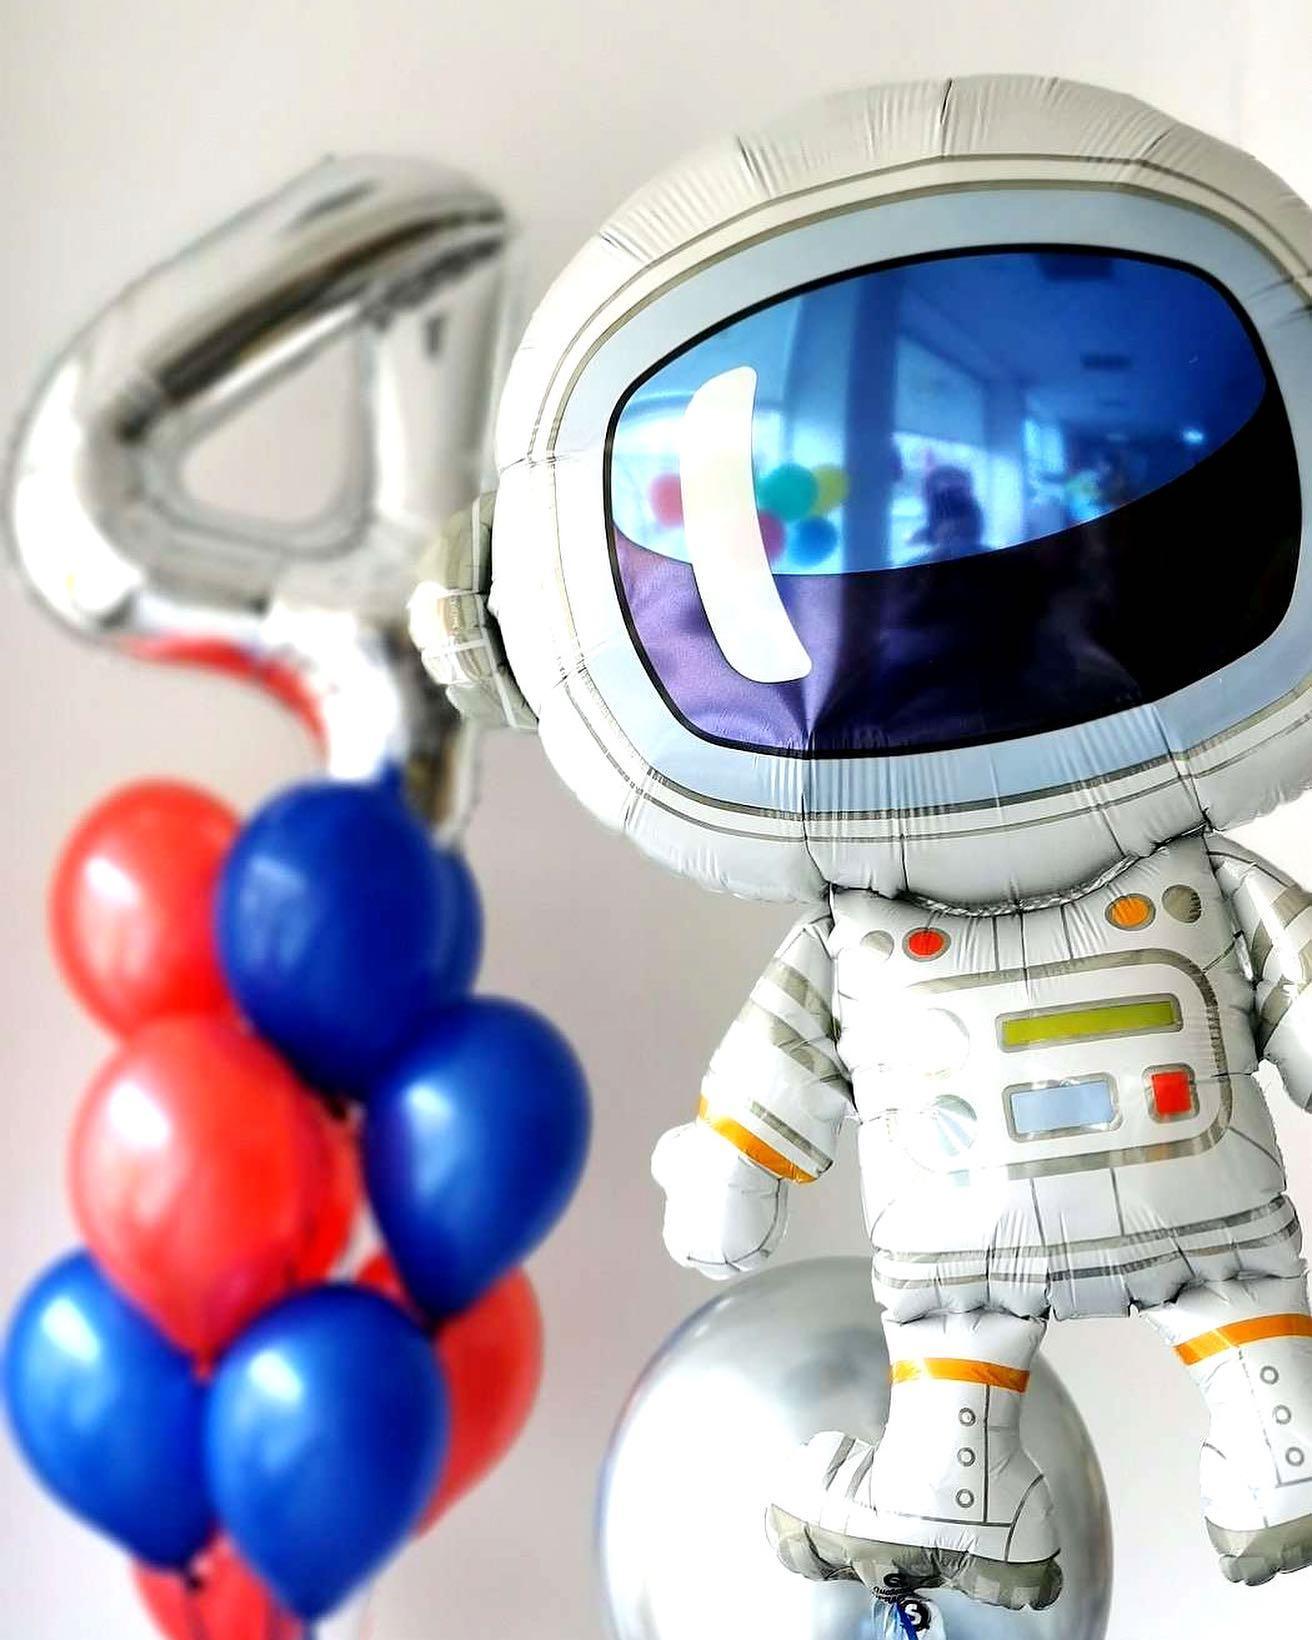 Lekiam kosmosan!